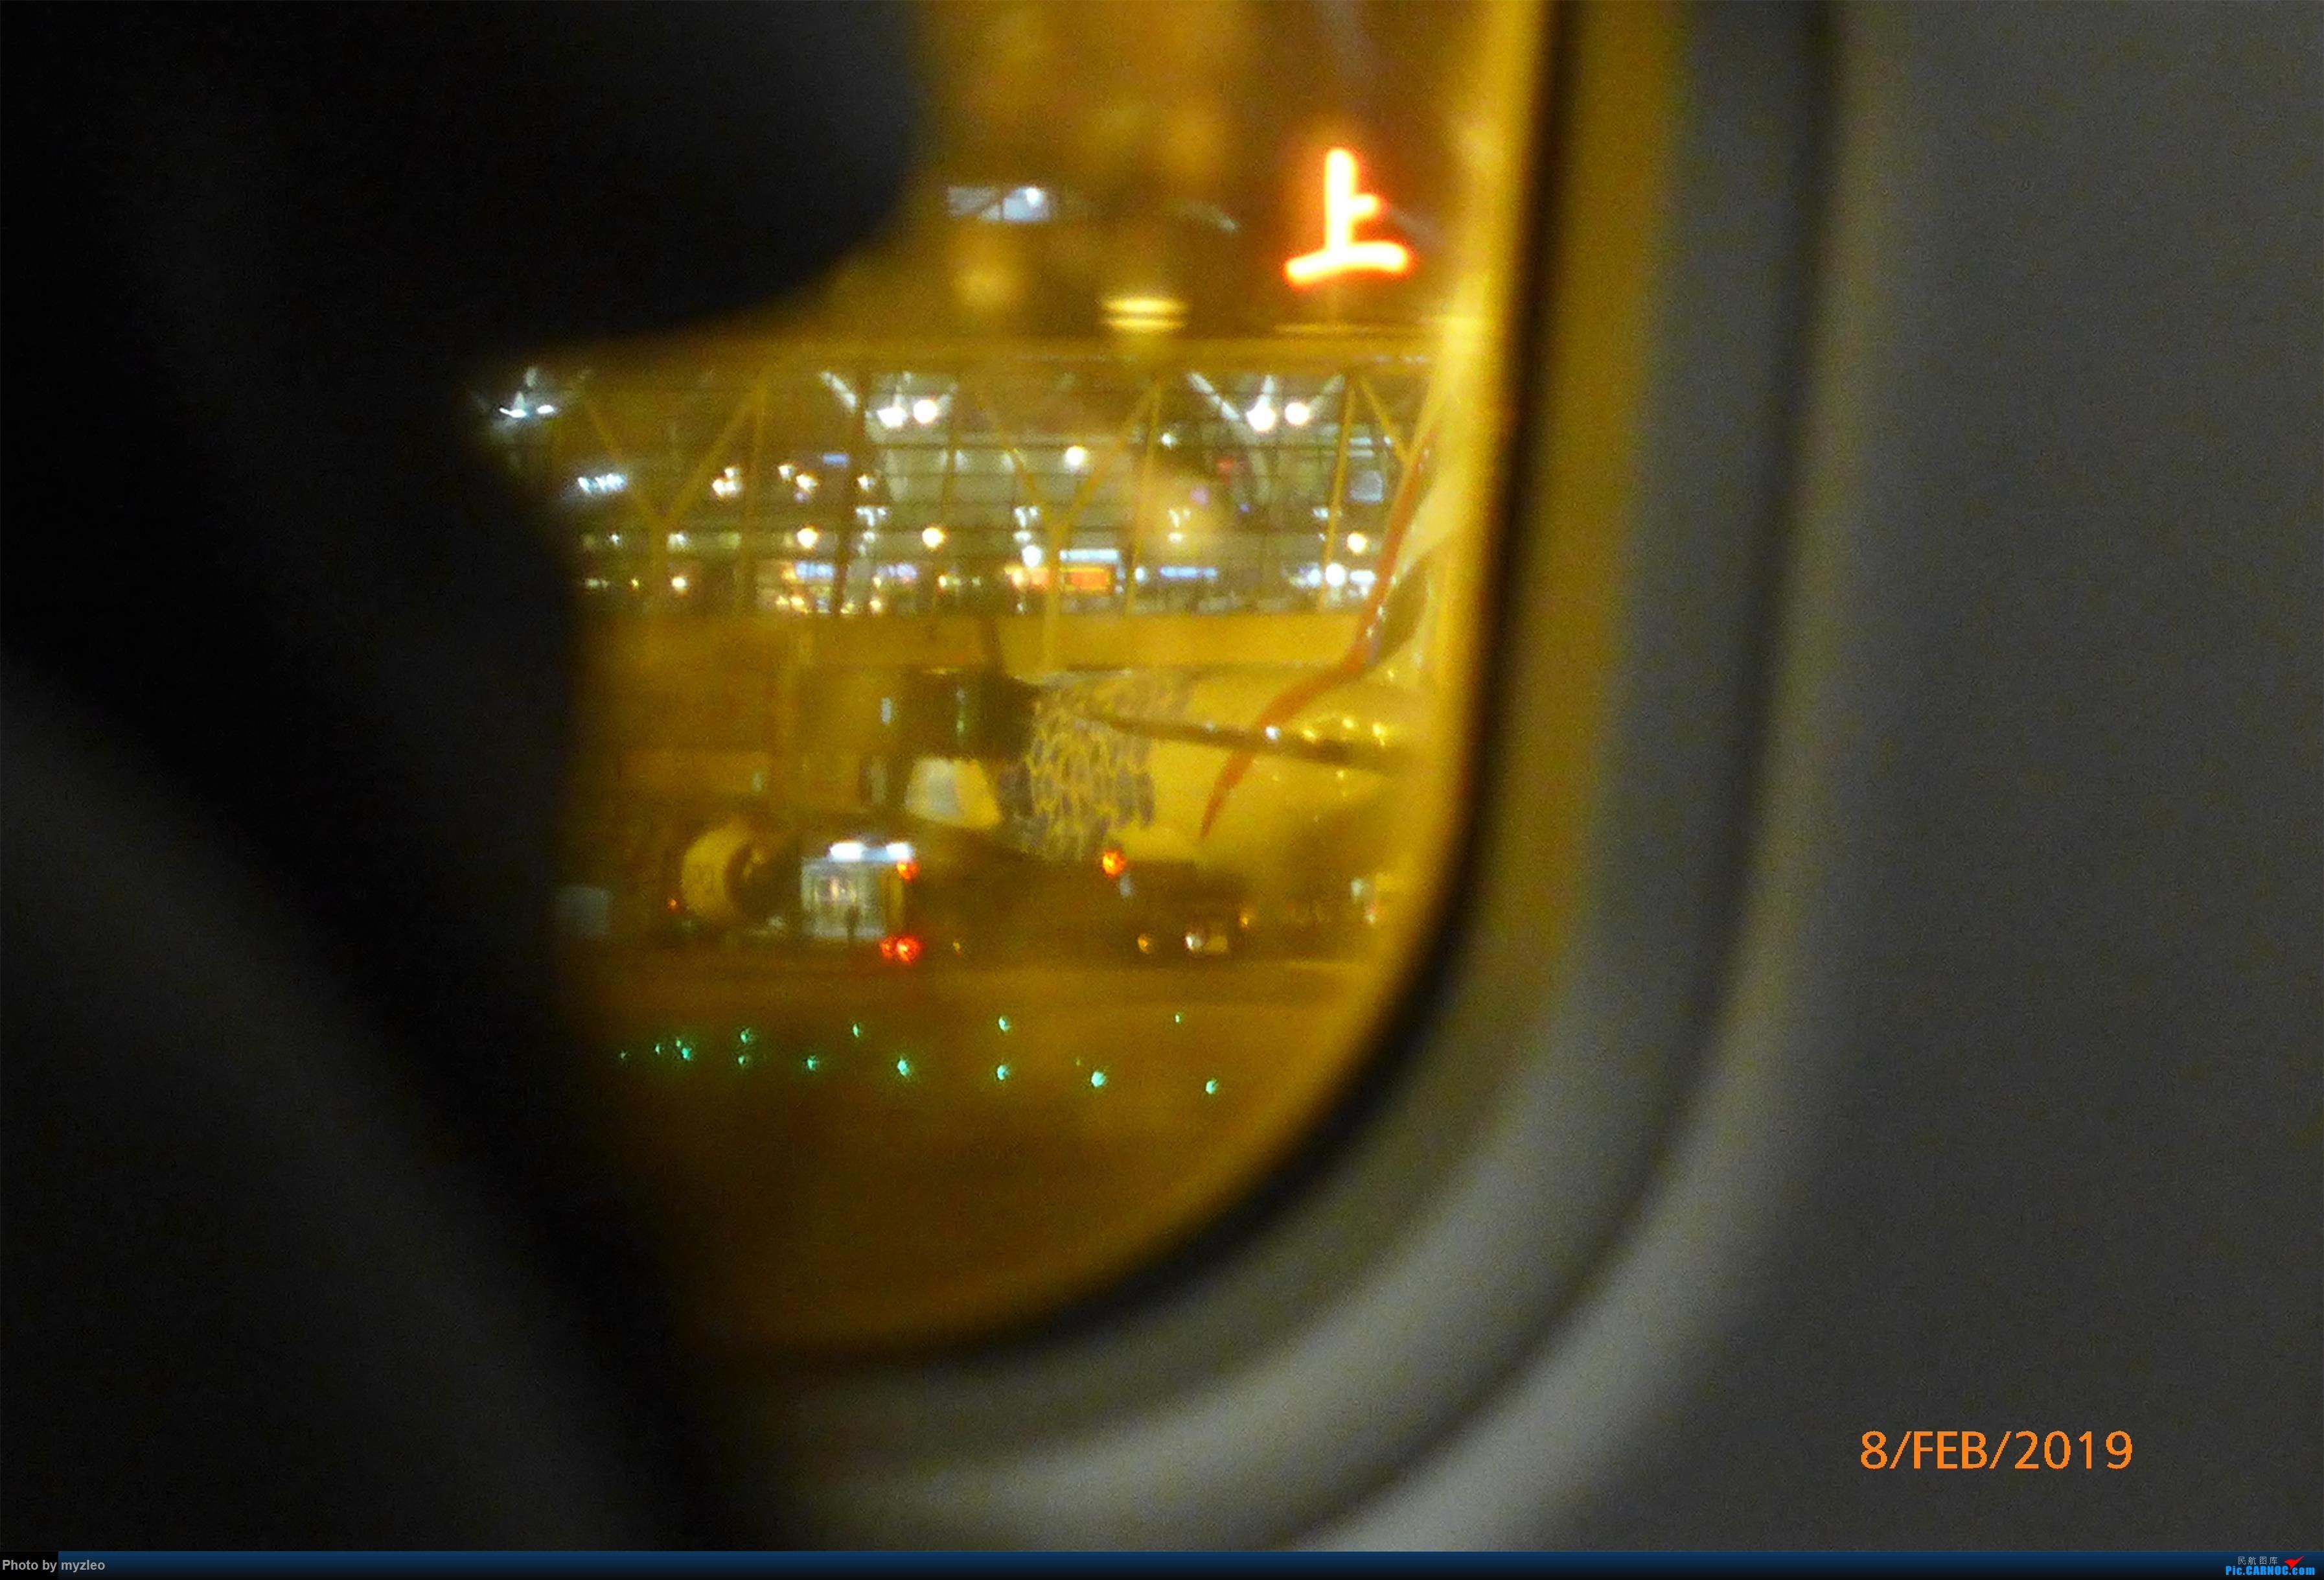 Re:[原创]【myzleo的游记4.5】十年之约(5)在香港的最后一天,搭乘港航333回沪 AIRBUS A380-800  中国上海浦东国际机场